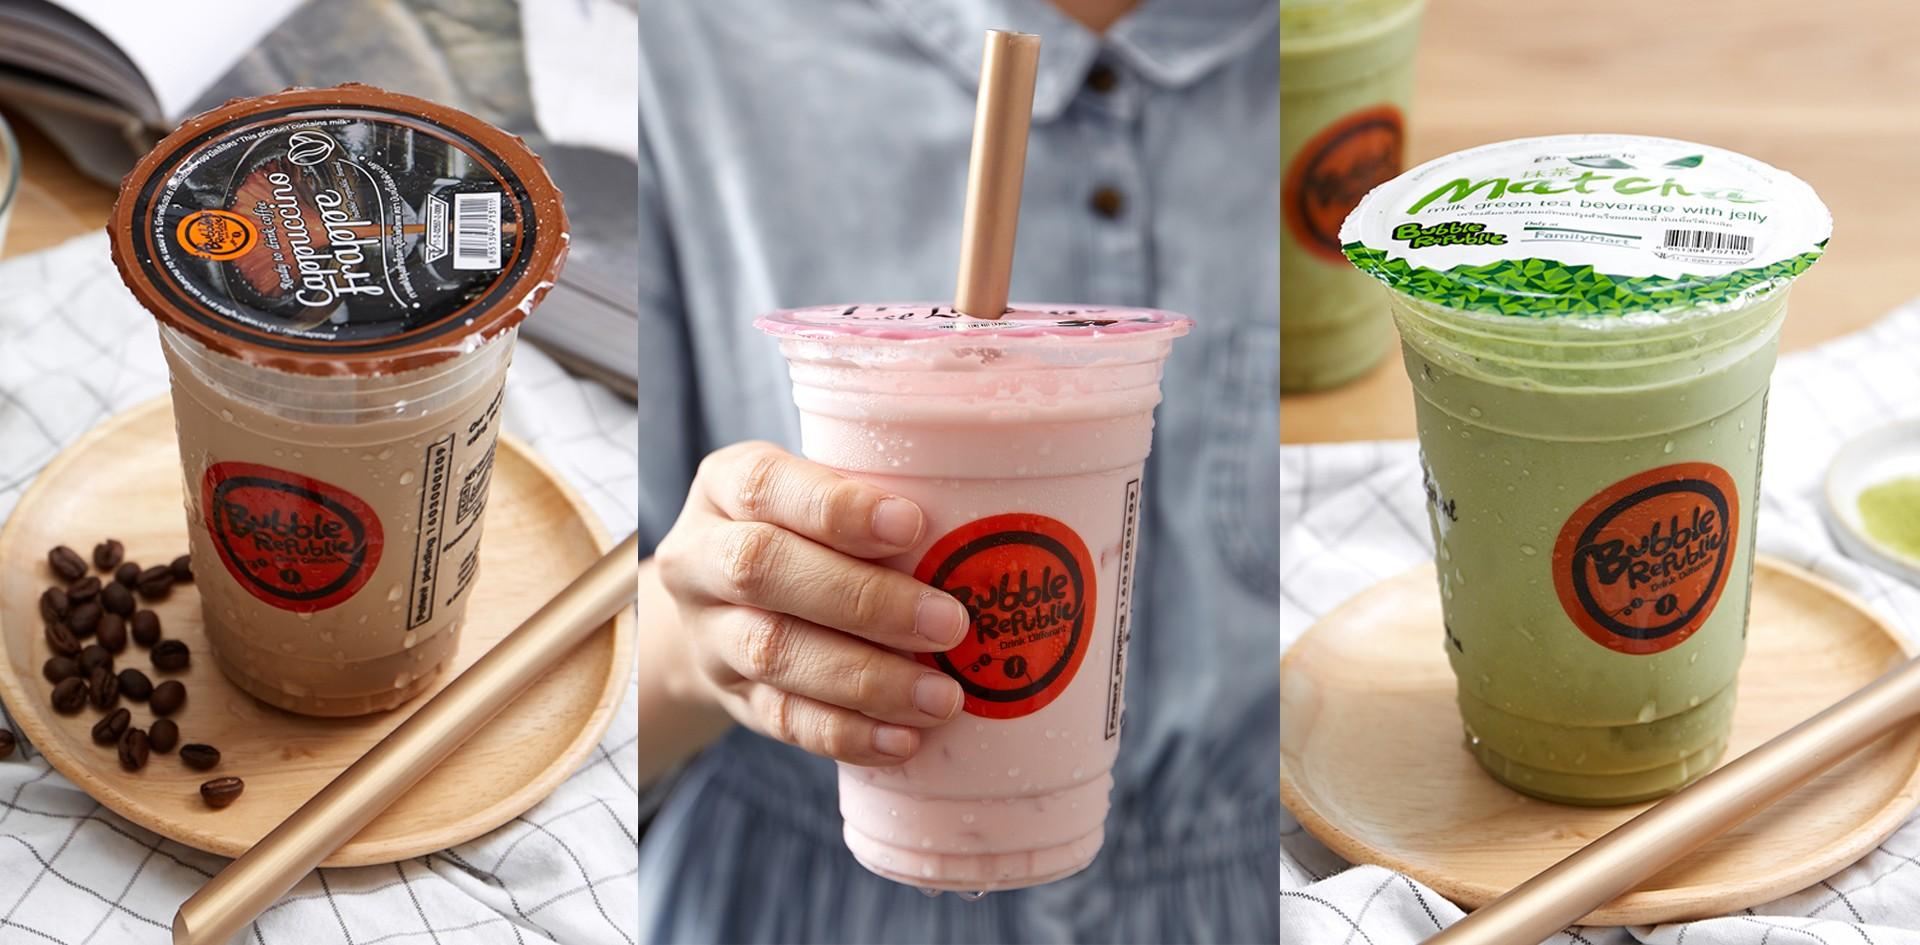 ฟินแก้วต่อแก้ว! Bubble Republic ชานมสุดเฟี้ยวฟินได้ตลอด 24 ชั่วโมง